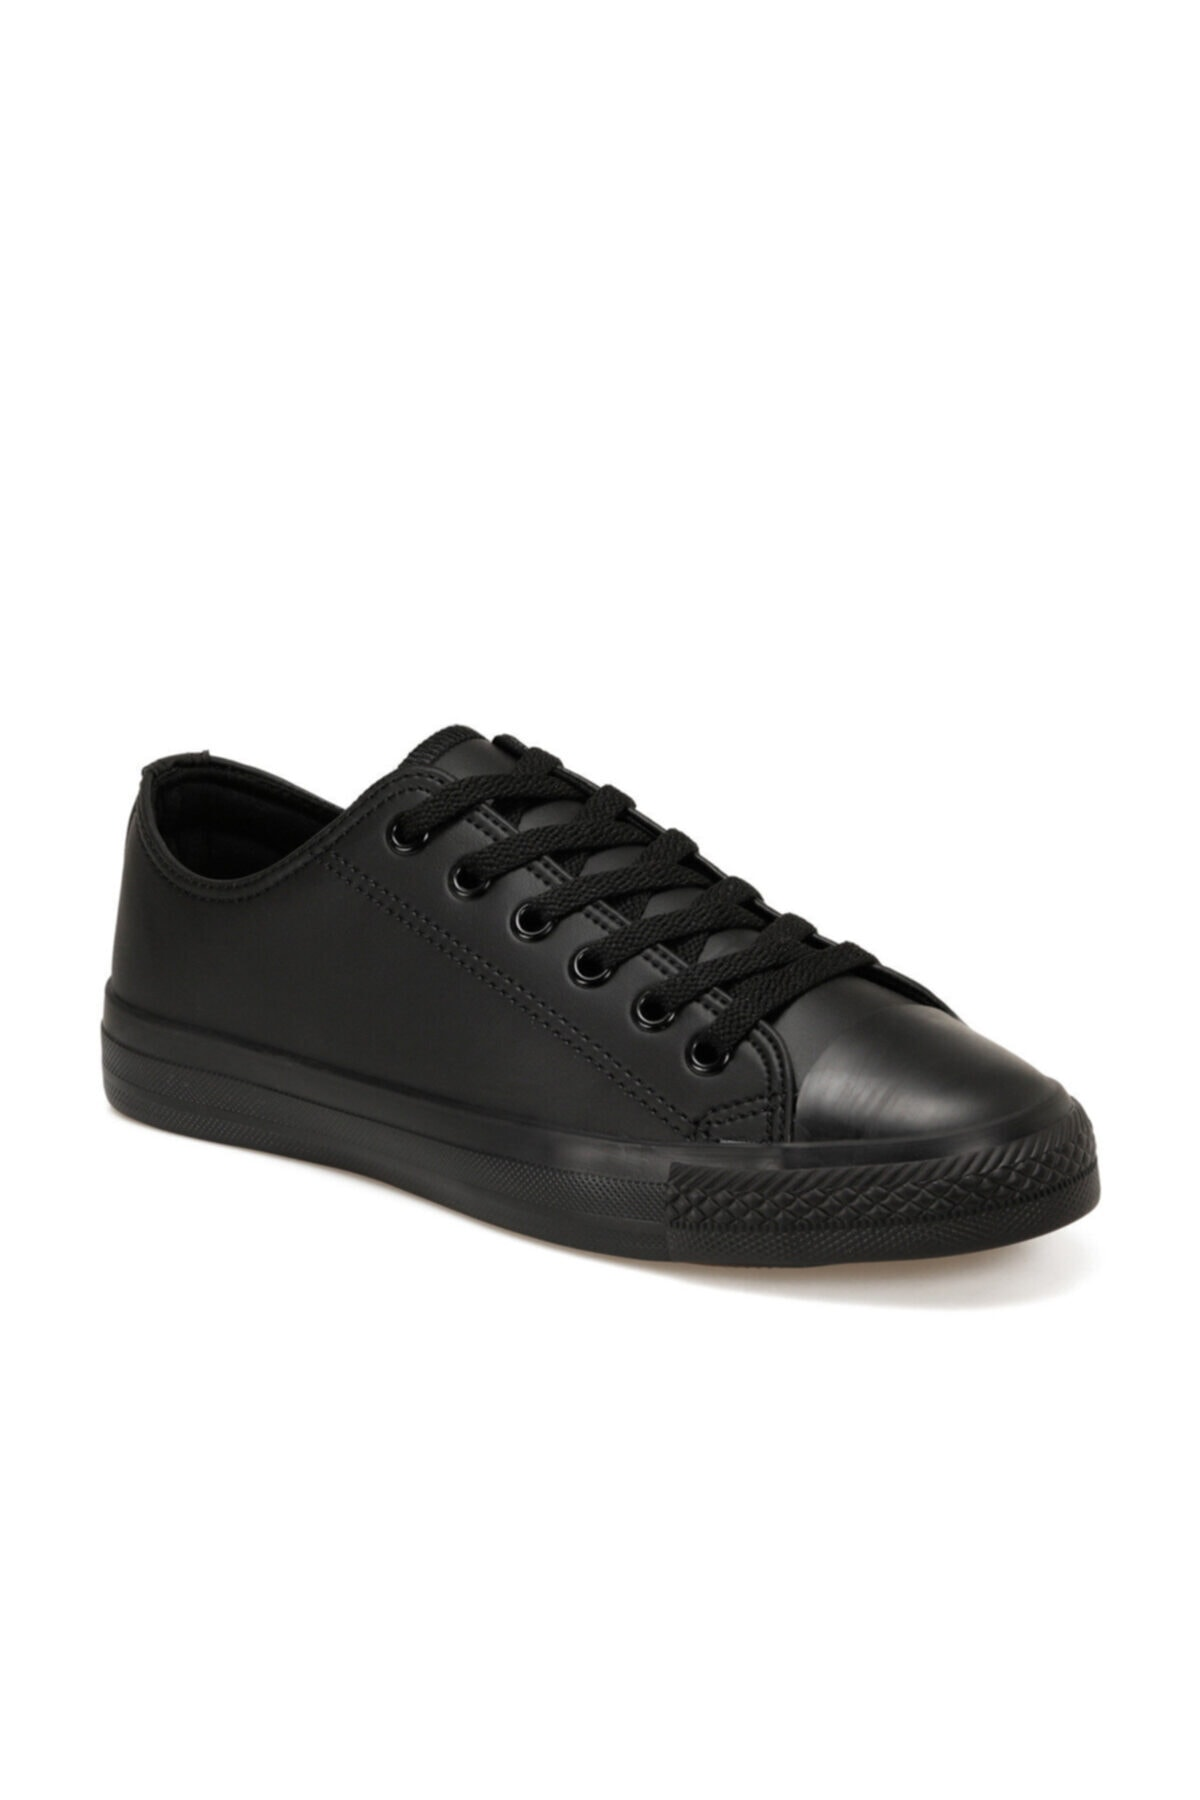 FORESTER EC-2001 Siyah Erkek Kalın Tabanlı Sneaker 100668679 1